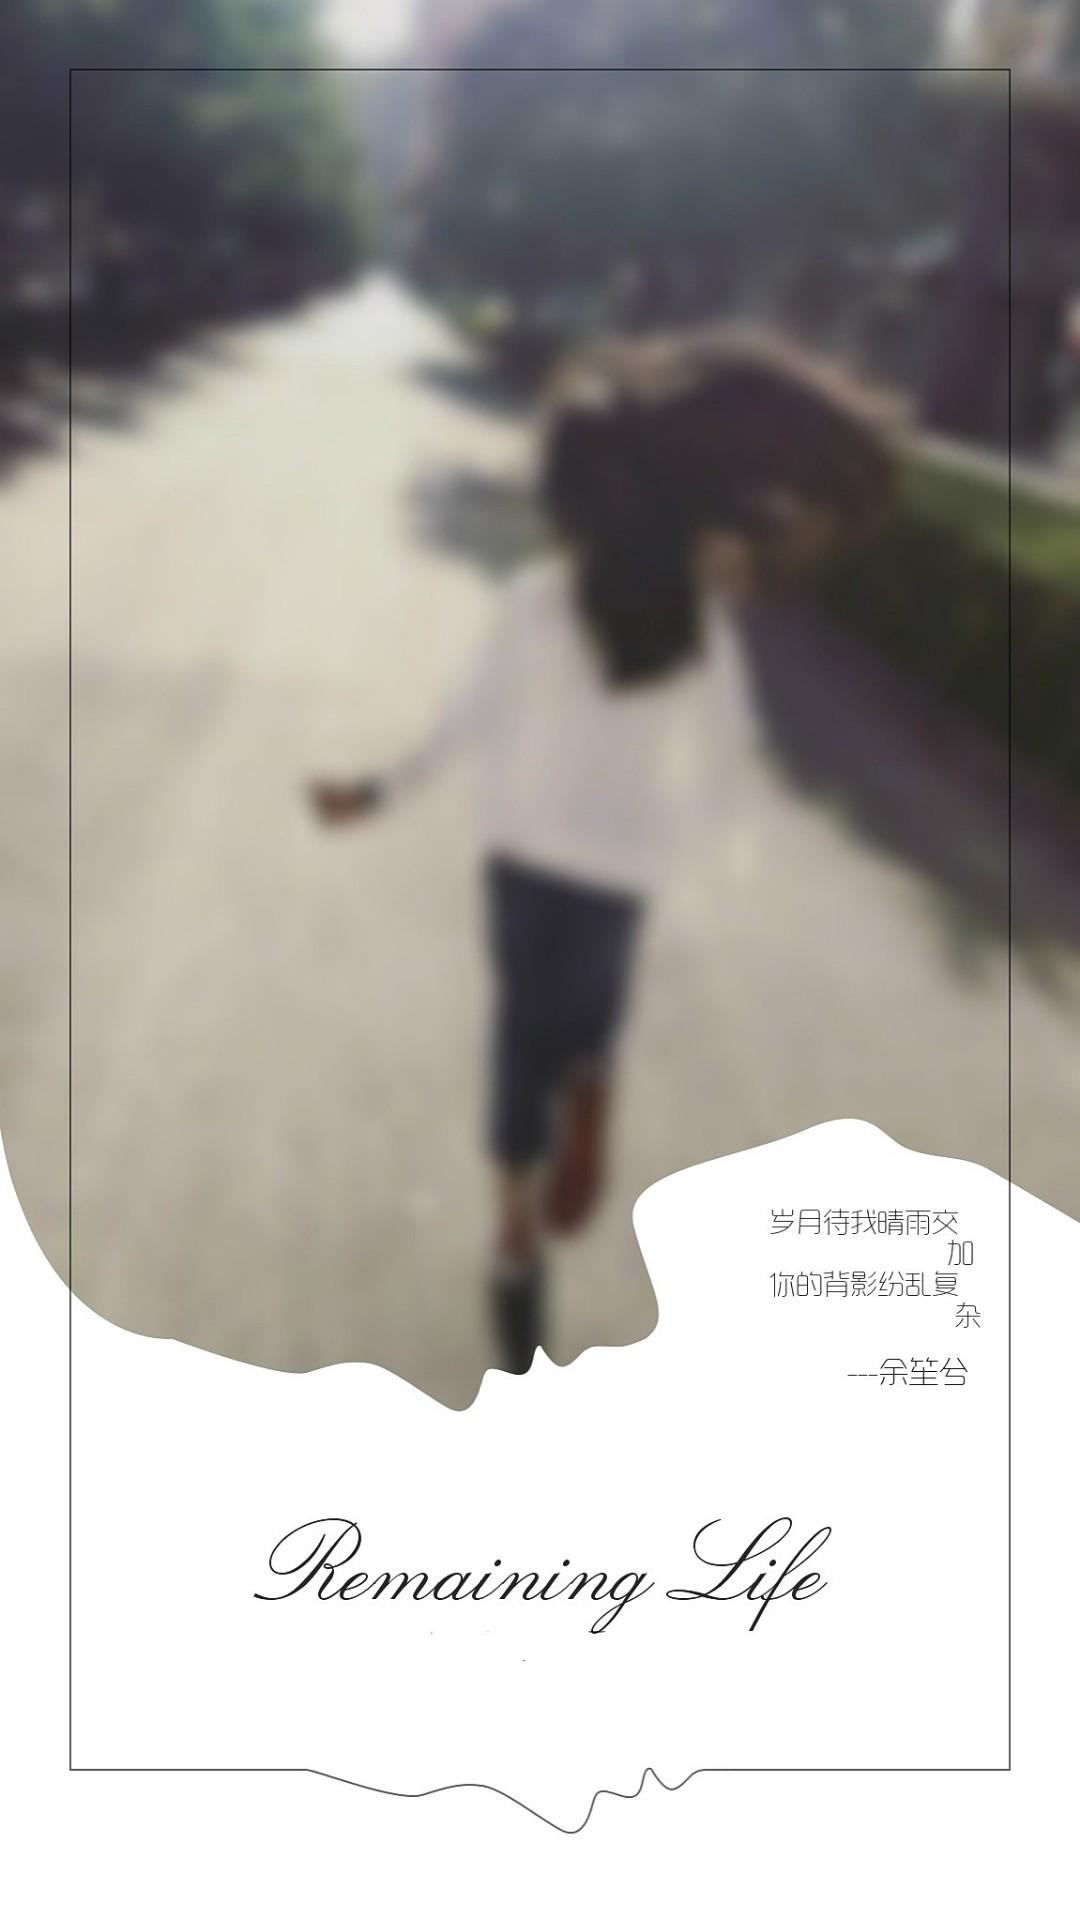 图片分享-自制-余笙兮-亦调博客-亦尘调